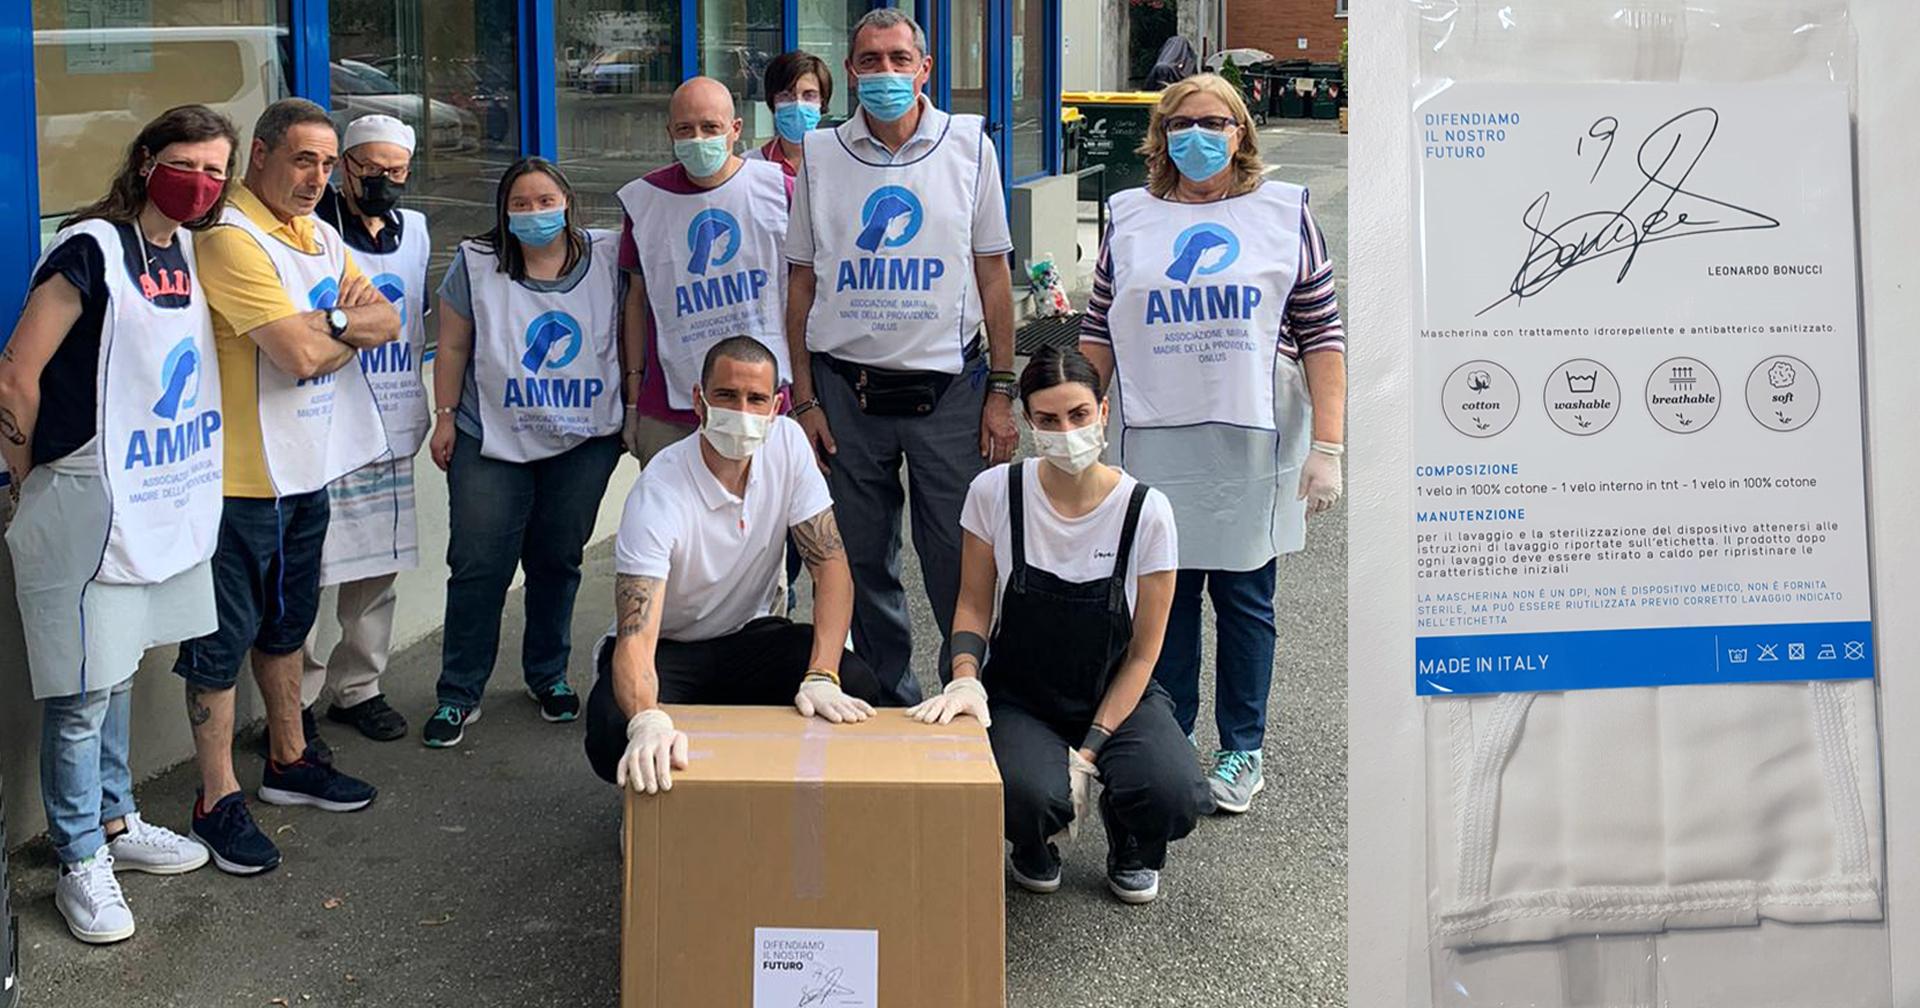 Un grazie a Bonucci da AMMP per la consegna di 1000 mascherine